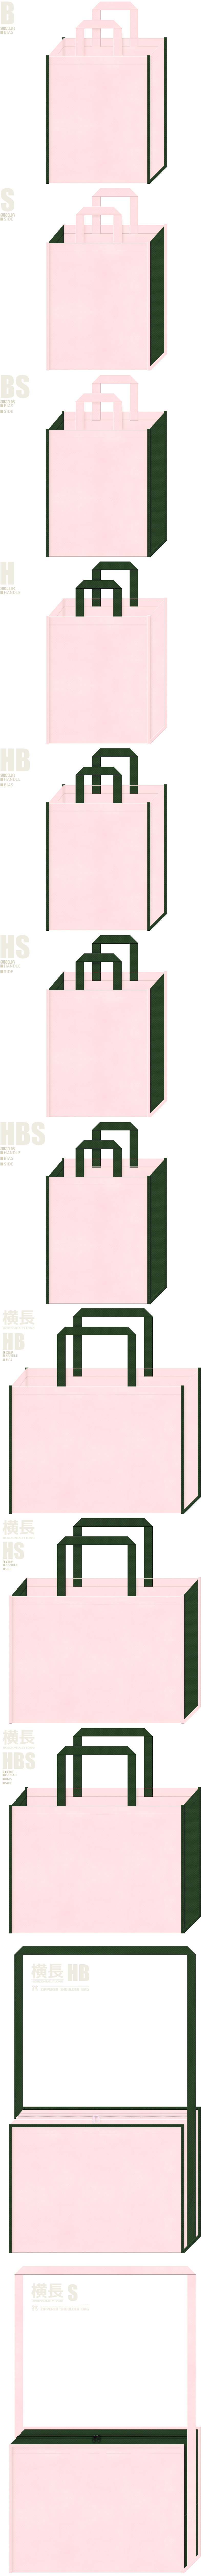 学校・オープンキャンパスの不織布バッグにお奨めです。桜色と濃緑色、7パターンの不織布トートバッグ配色デザイン例。